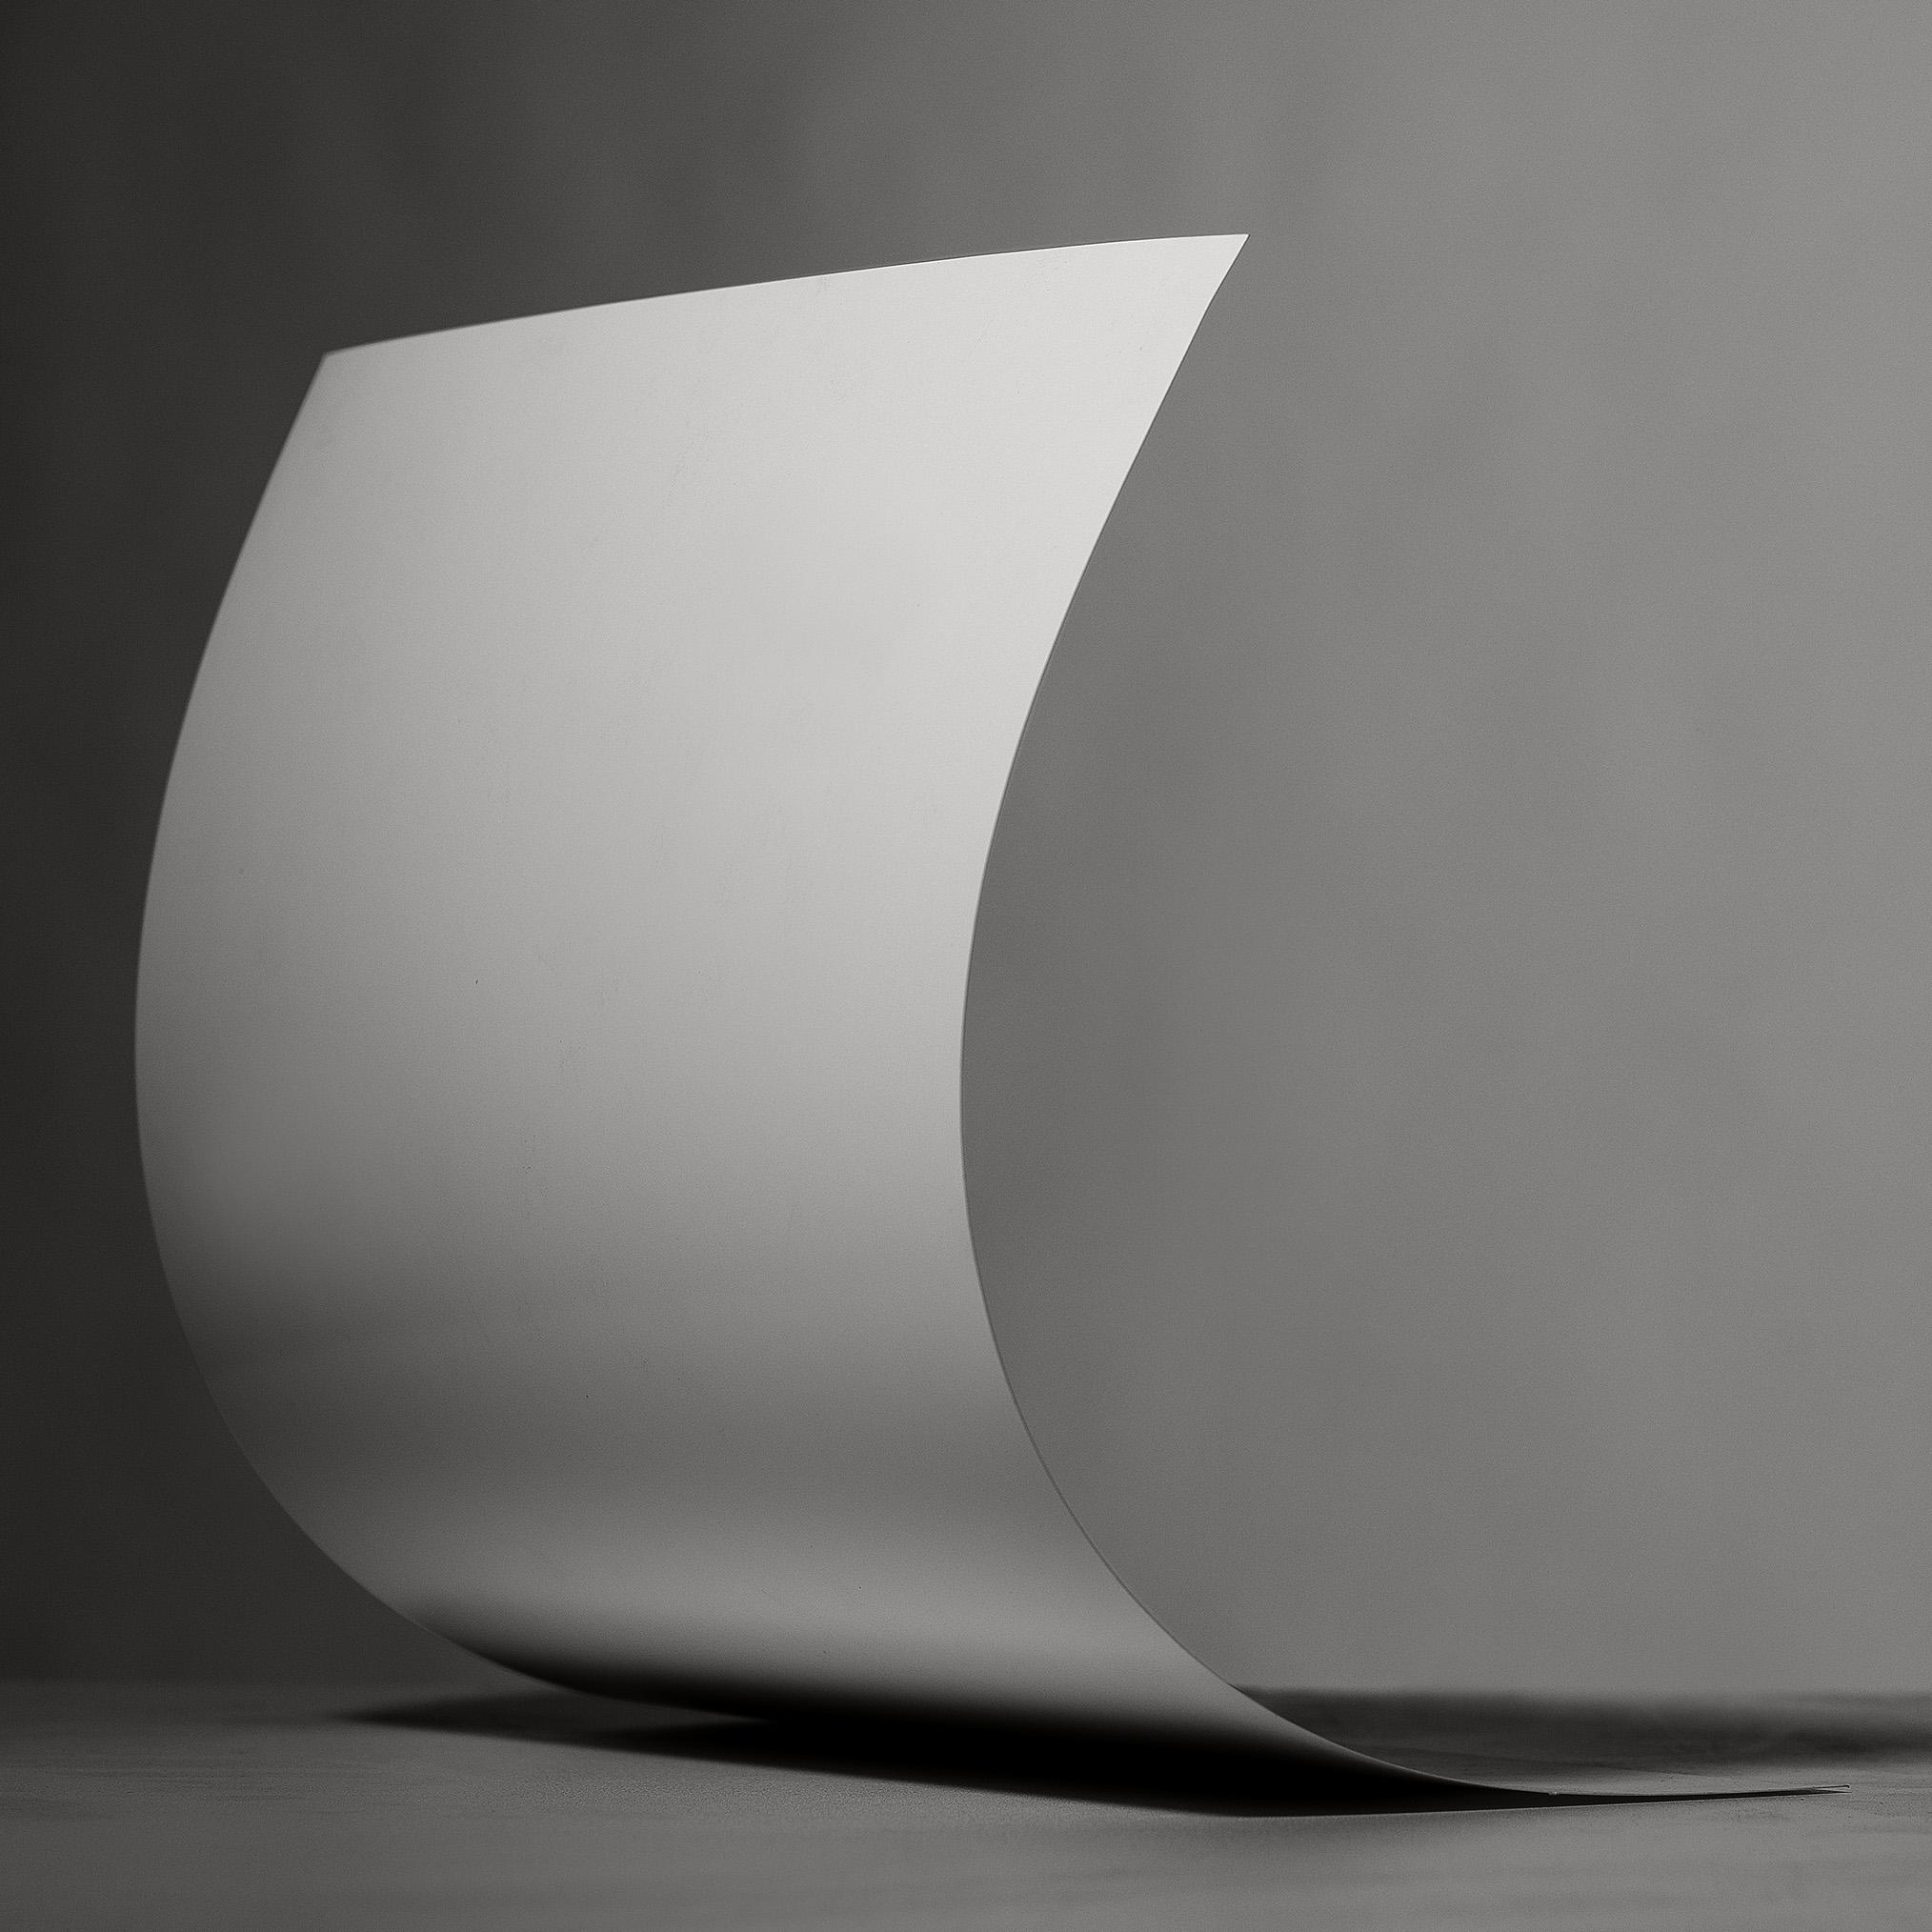 StillLifePhotographyPaperSculpture5.jpg